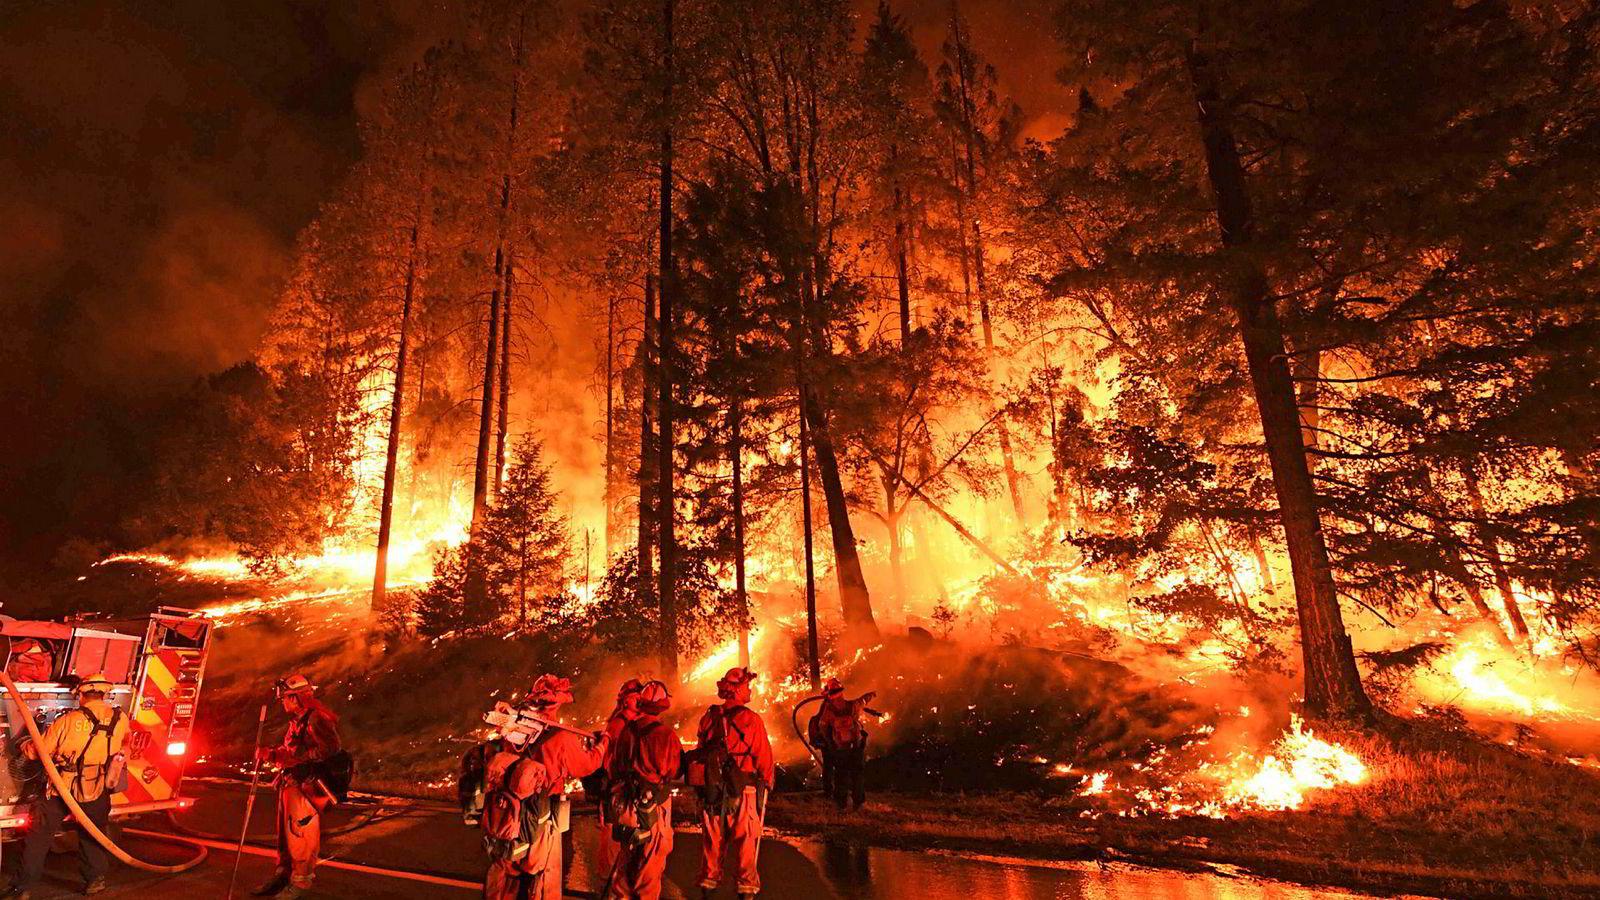 Brannmenn forsøker å få kontroll på Carr-brannen som sprer seg mot byene Douglas City og Lewiston i California. Carr-brannen er den dødeligste av de 17 skogbrannene som herjer den amerikanske delstaten. Både brannmenn og sivile har dødd i brannen. En 70 år gammel kvinne og hennes to oldebarn på fire og fem år omkom da huset deres i Redding forsvant i flammene.